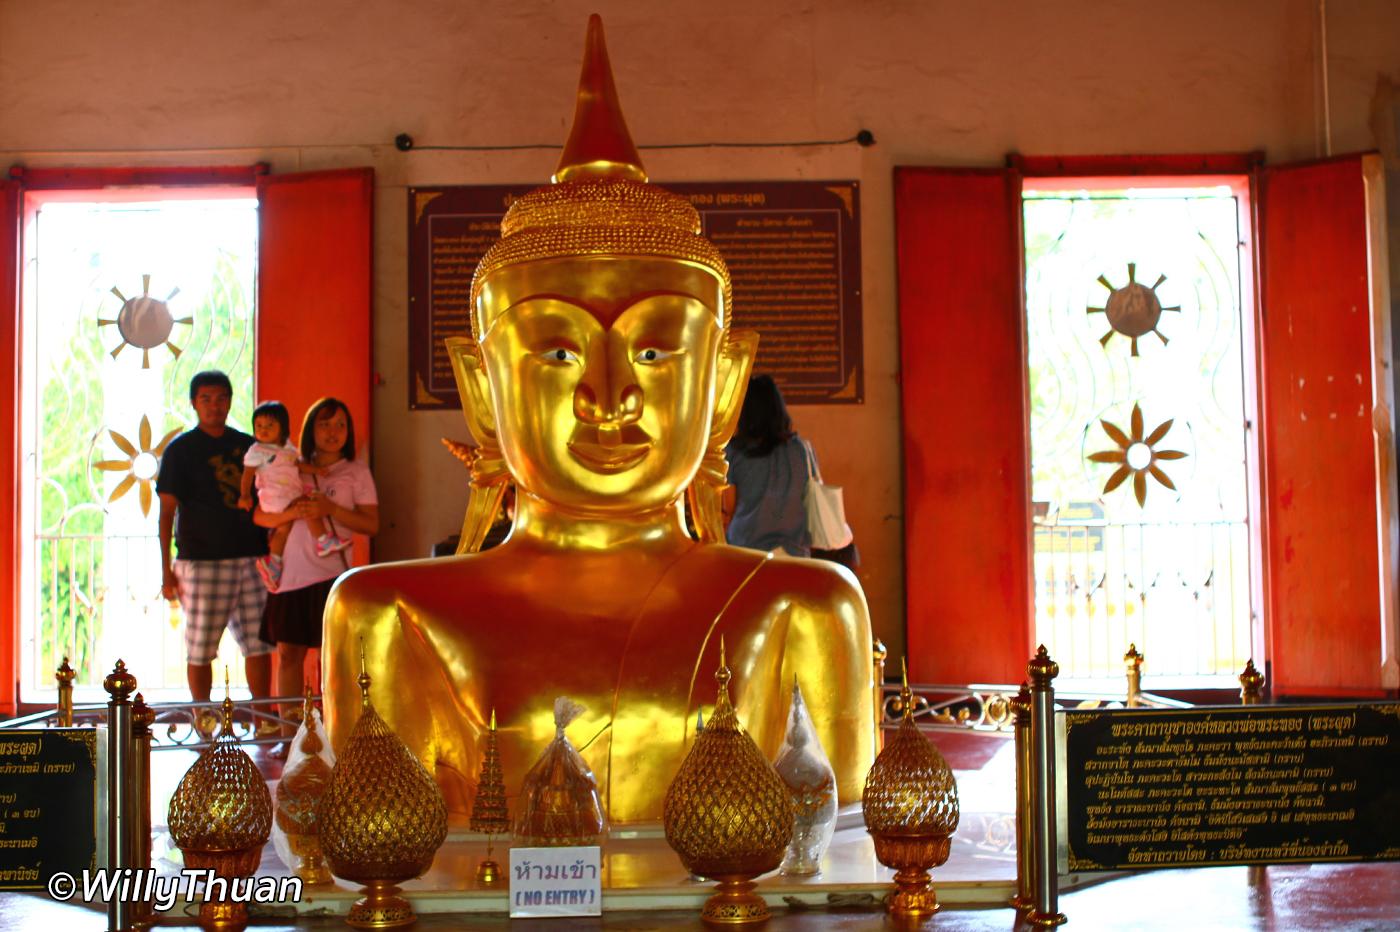 Wat Phra Thong in Phuket (Wat Prathong)